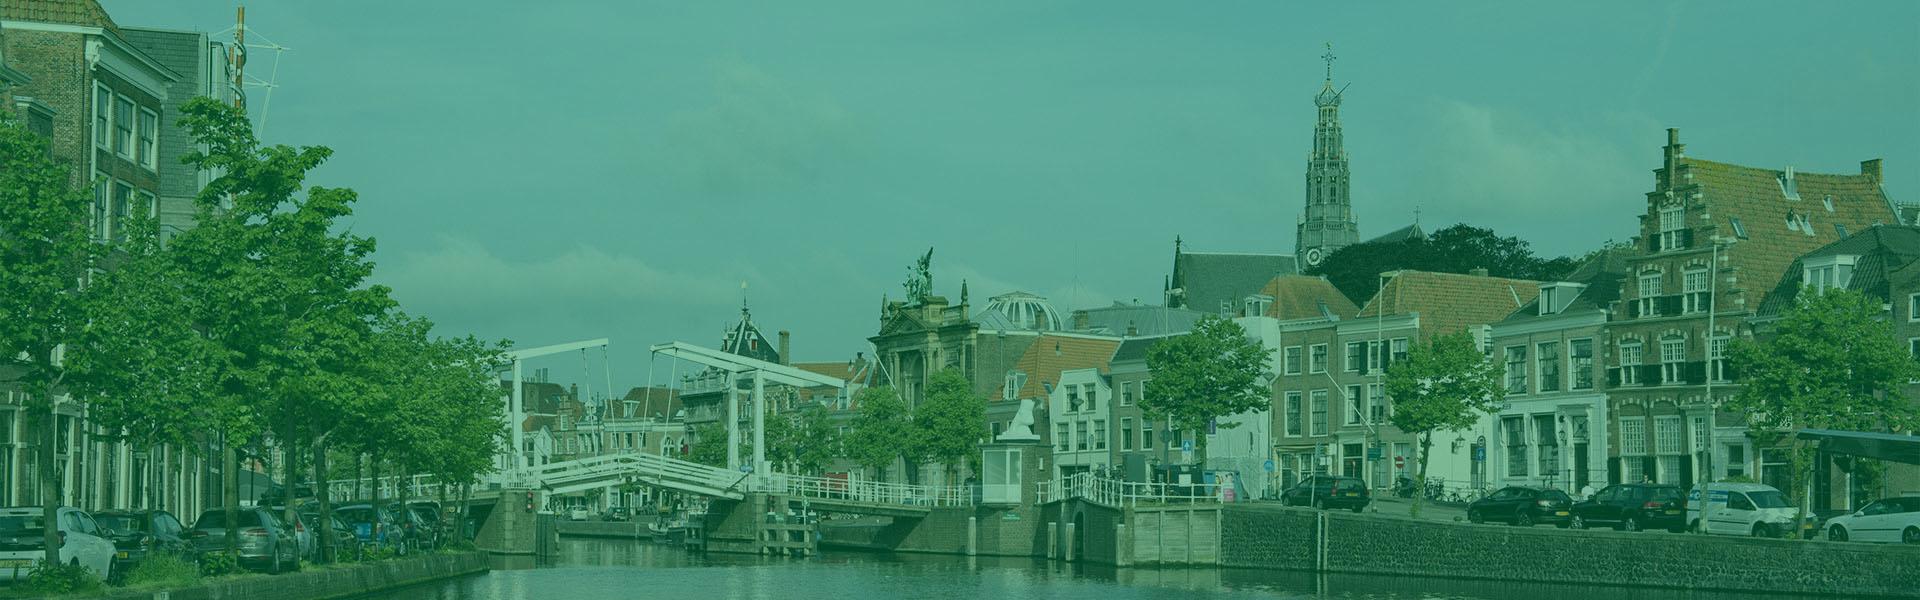 Slider-Overspaern-Makelaardij-Haarlem-en-omgeving-2-groen